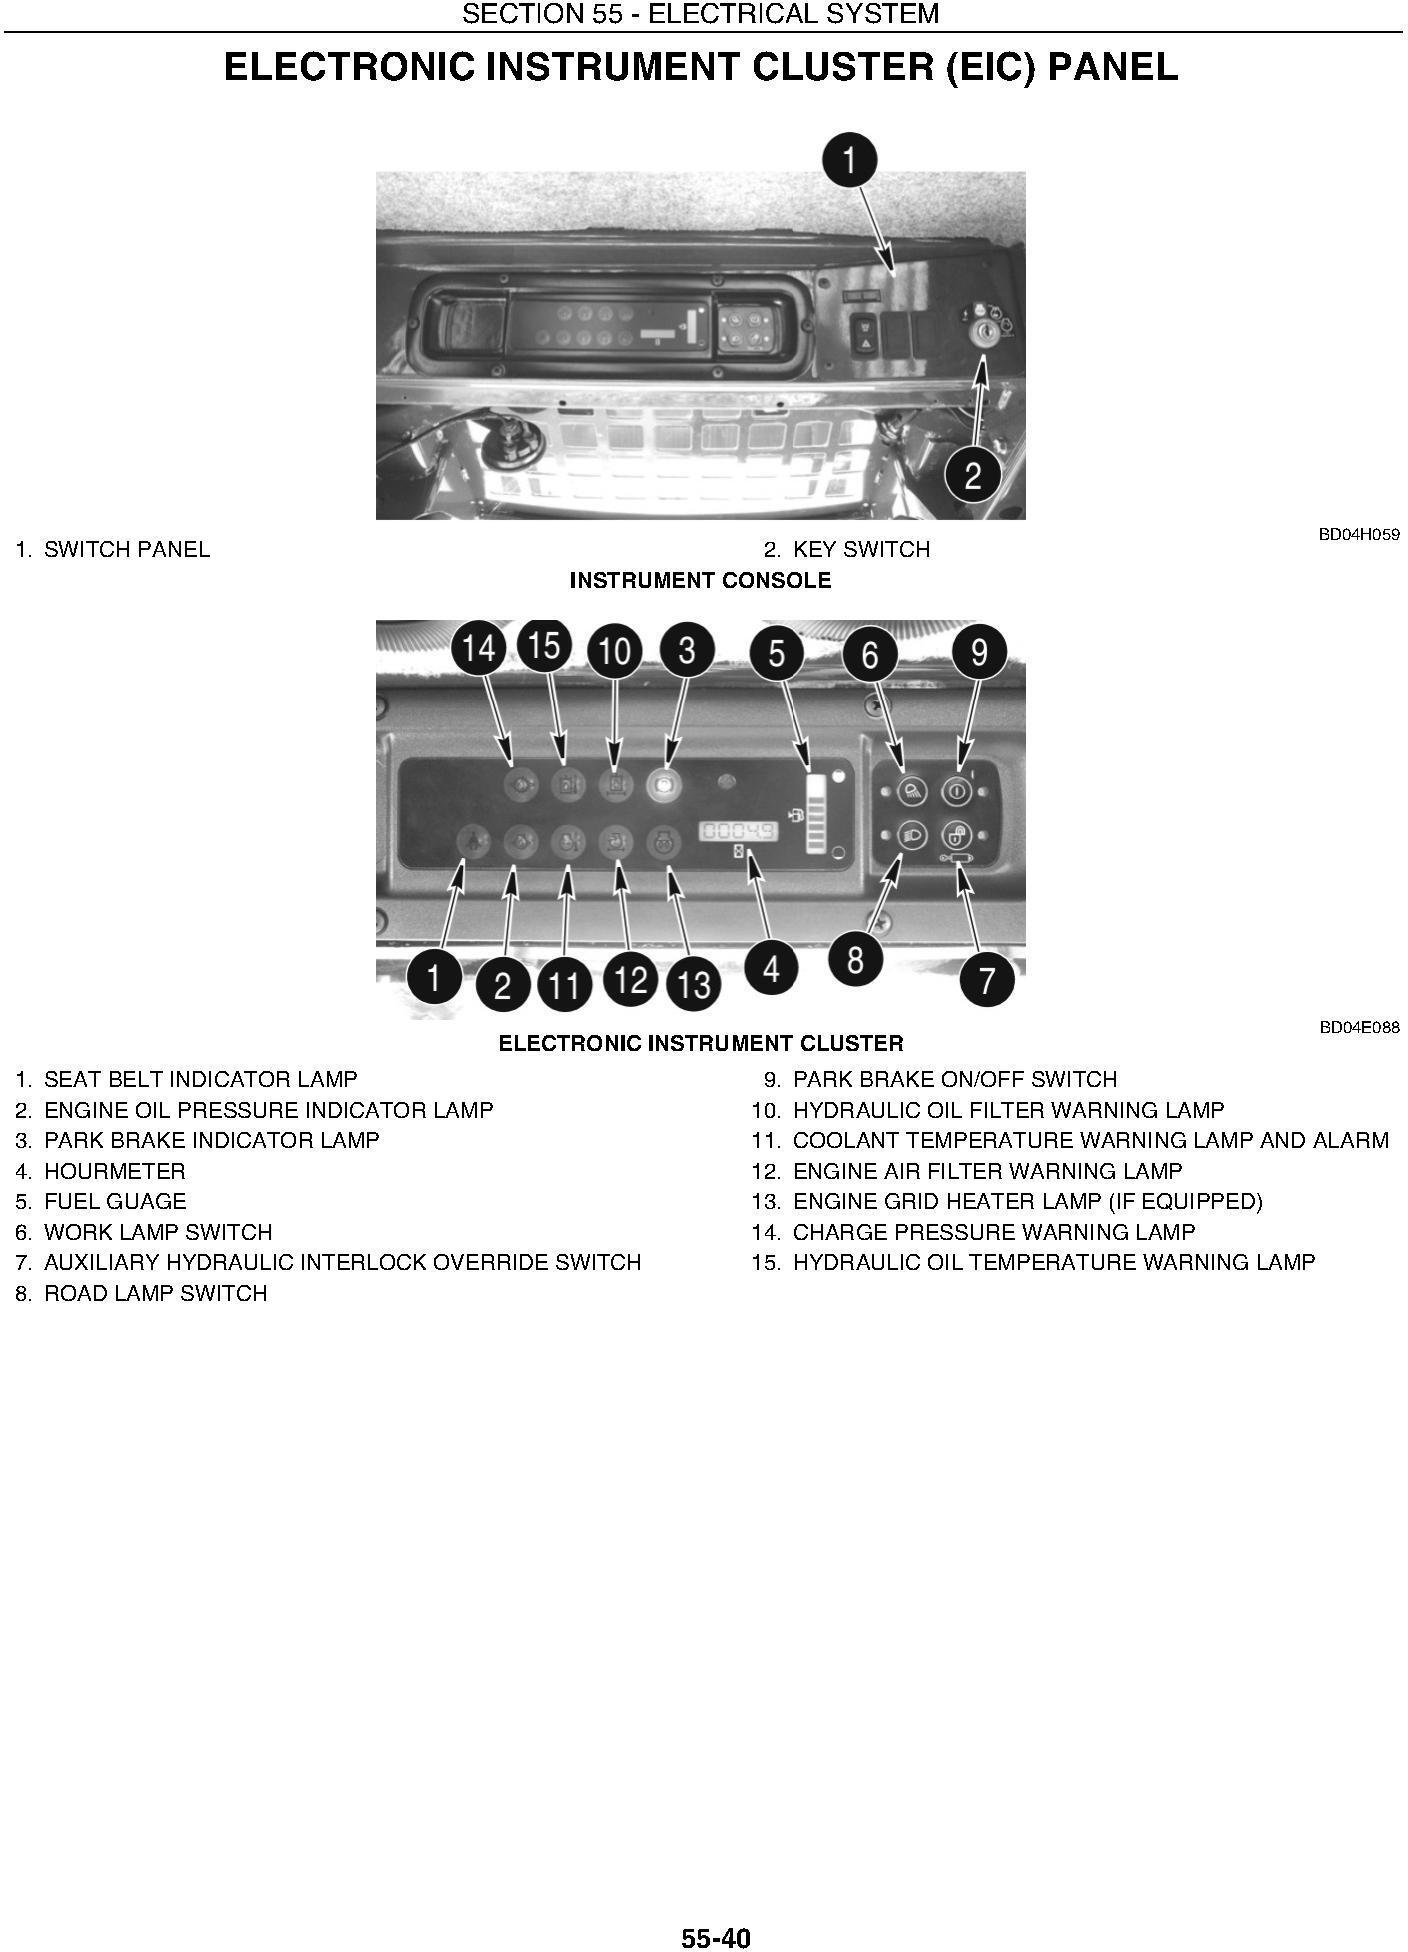 New Holland LS160, LS170 Skid Steer Loader Service Manual - 3